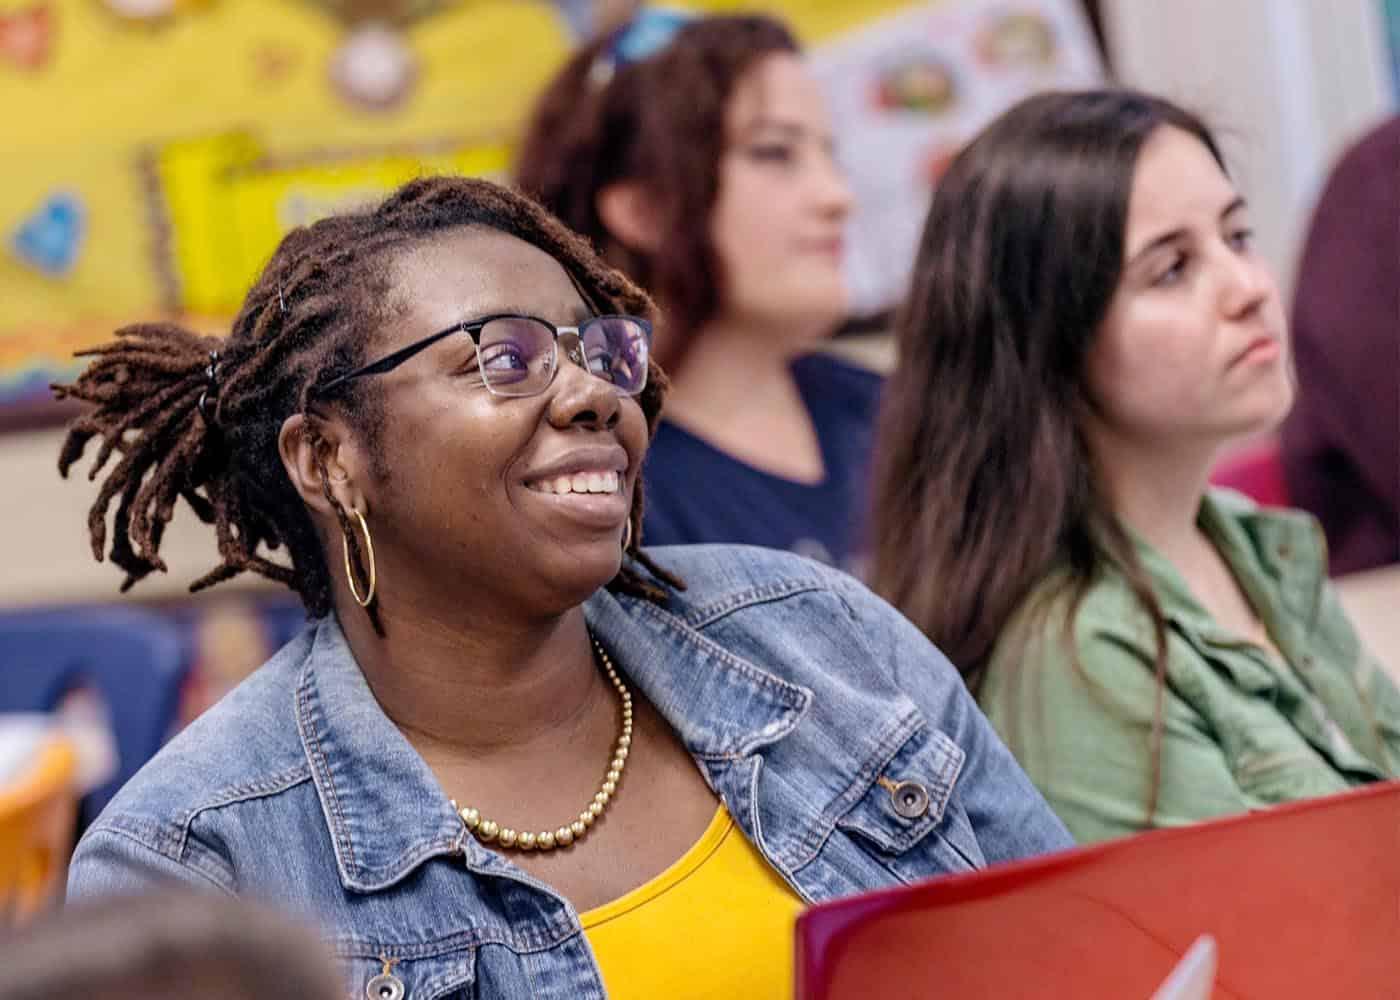 Middle School Edu Program - Bachelor's Degree in Middle School Education